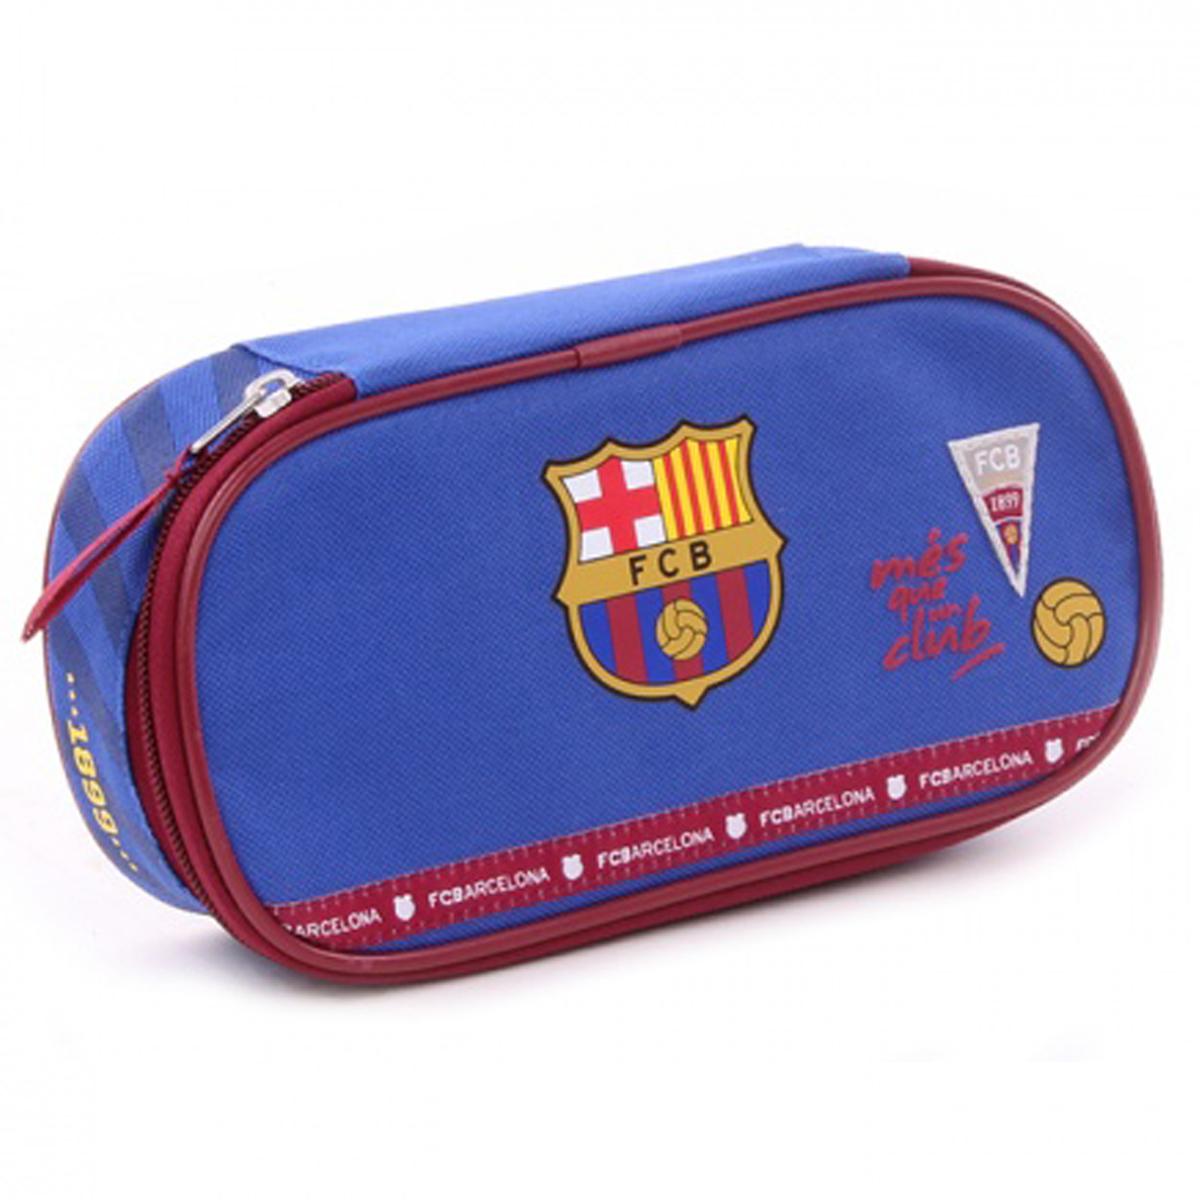 Trousse scolaire \'FC Barcelona\' bleu rouge - 20x9x5 cm - [Q3470]